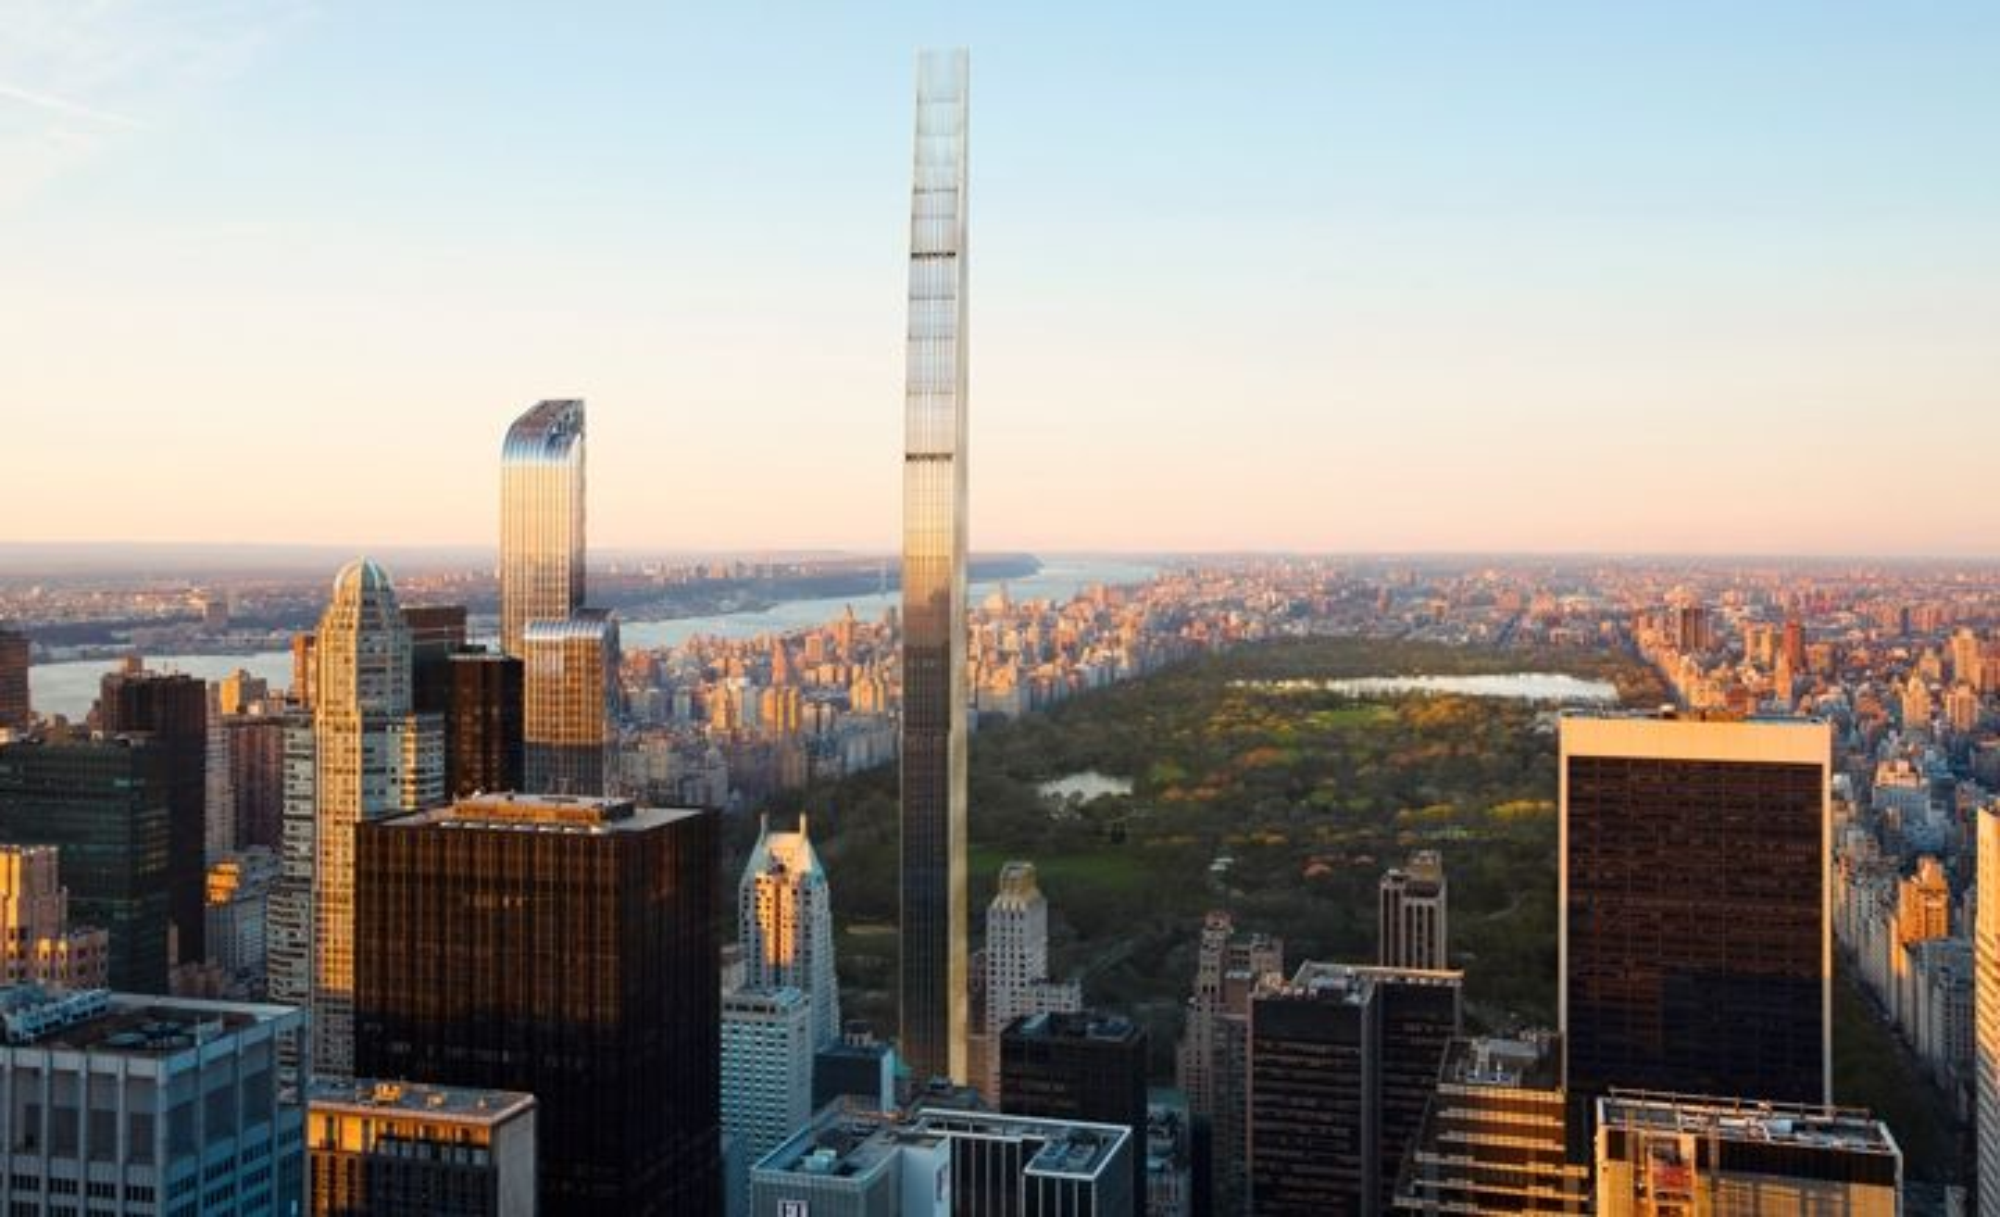 Skyskraperen 111 West 57th Street blir verdens slankeste skyskraper når den står ferdig i 2018.